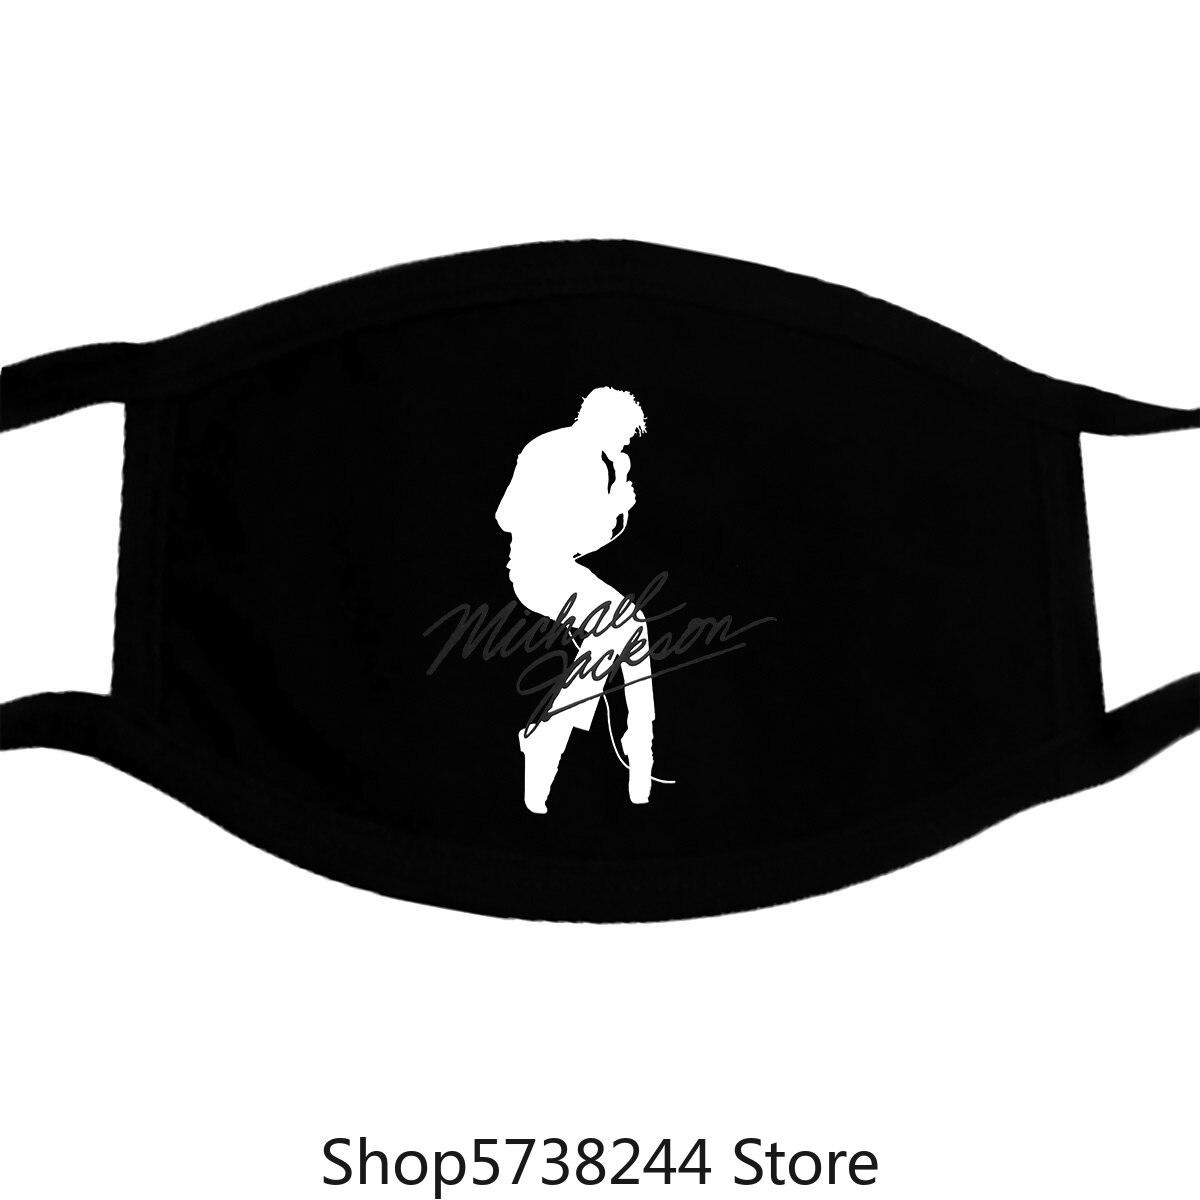 Michael Jackson Silhouette Charcoal Grey Mask New Washable Reusable Mask